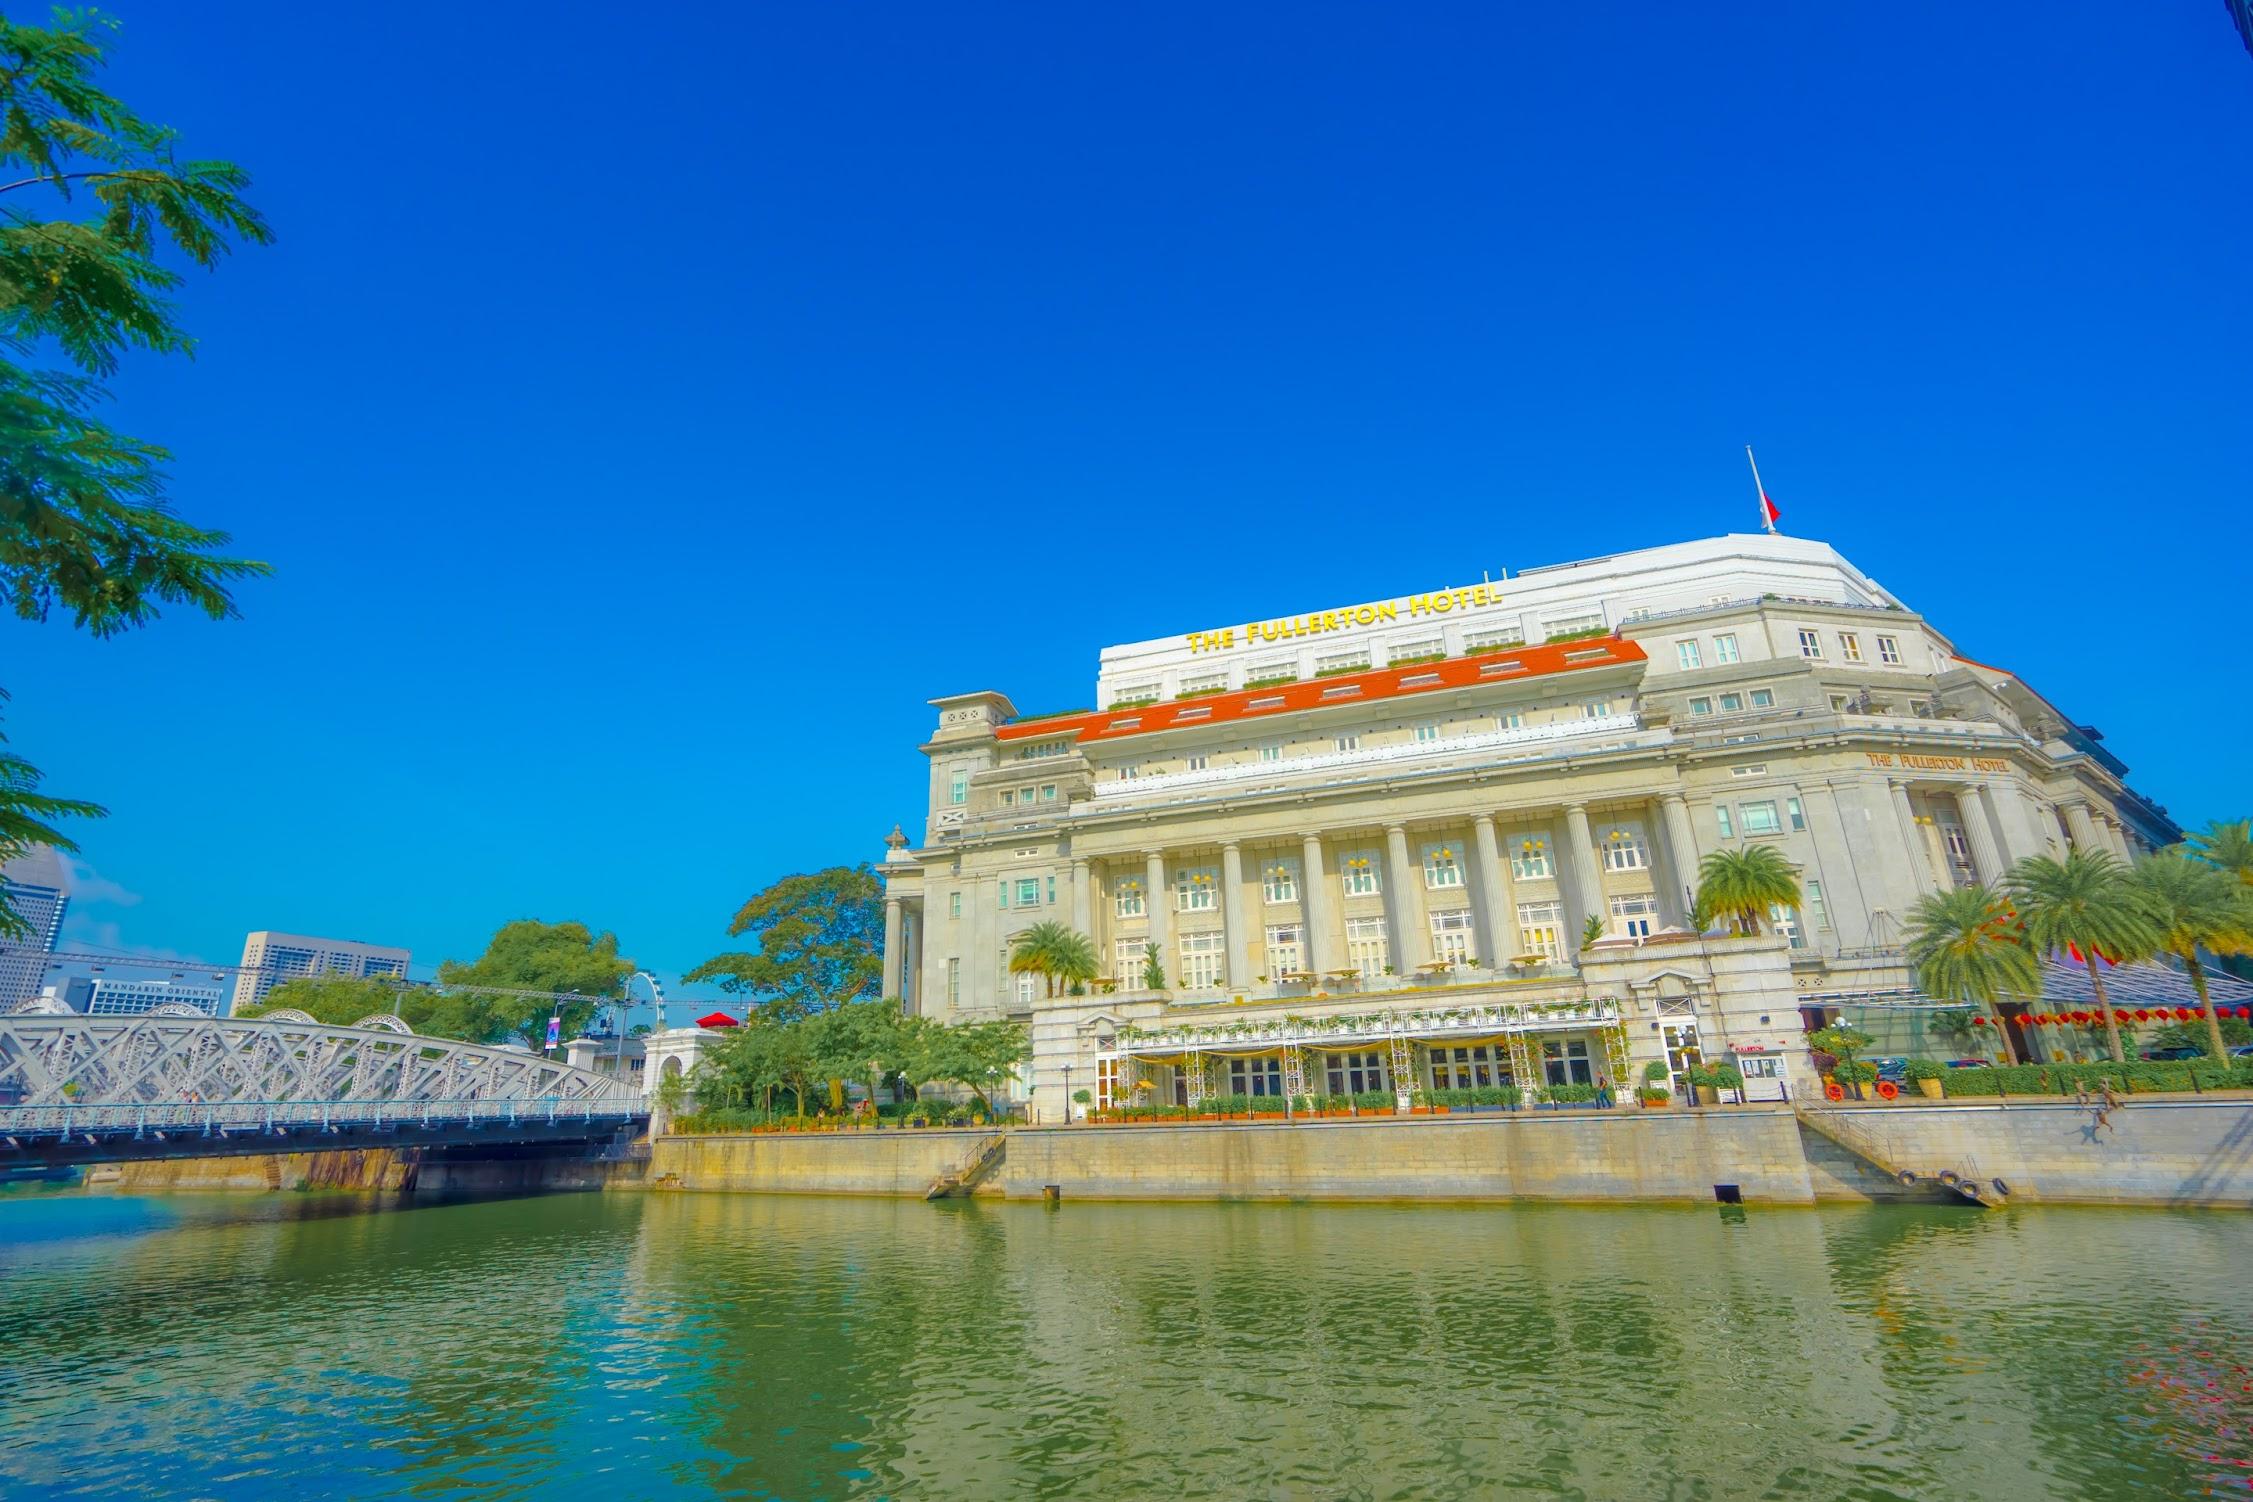 シンガポール フラトン・ホテル1